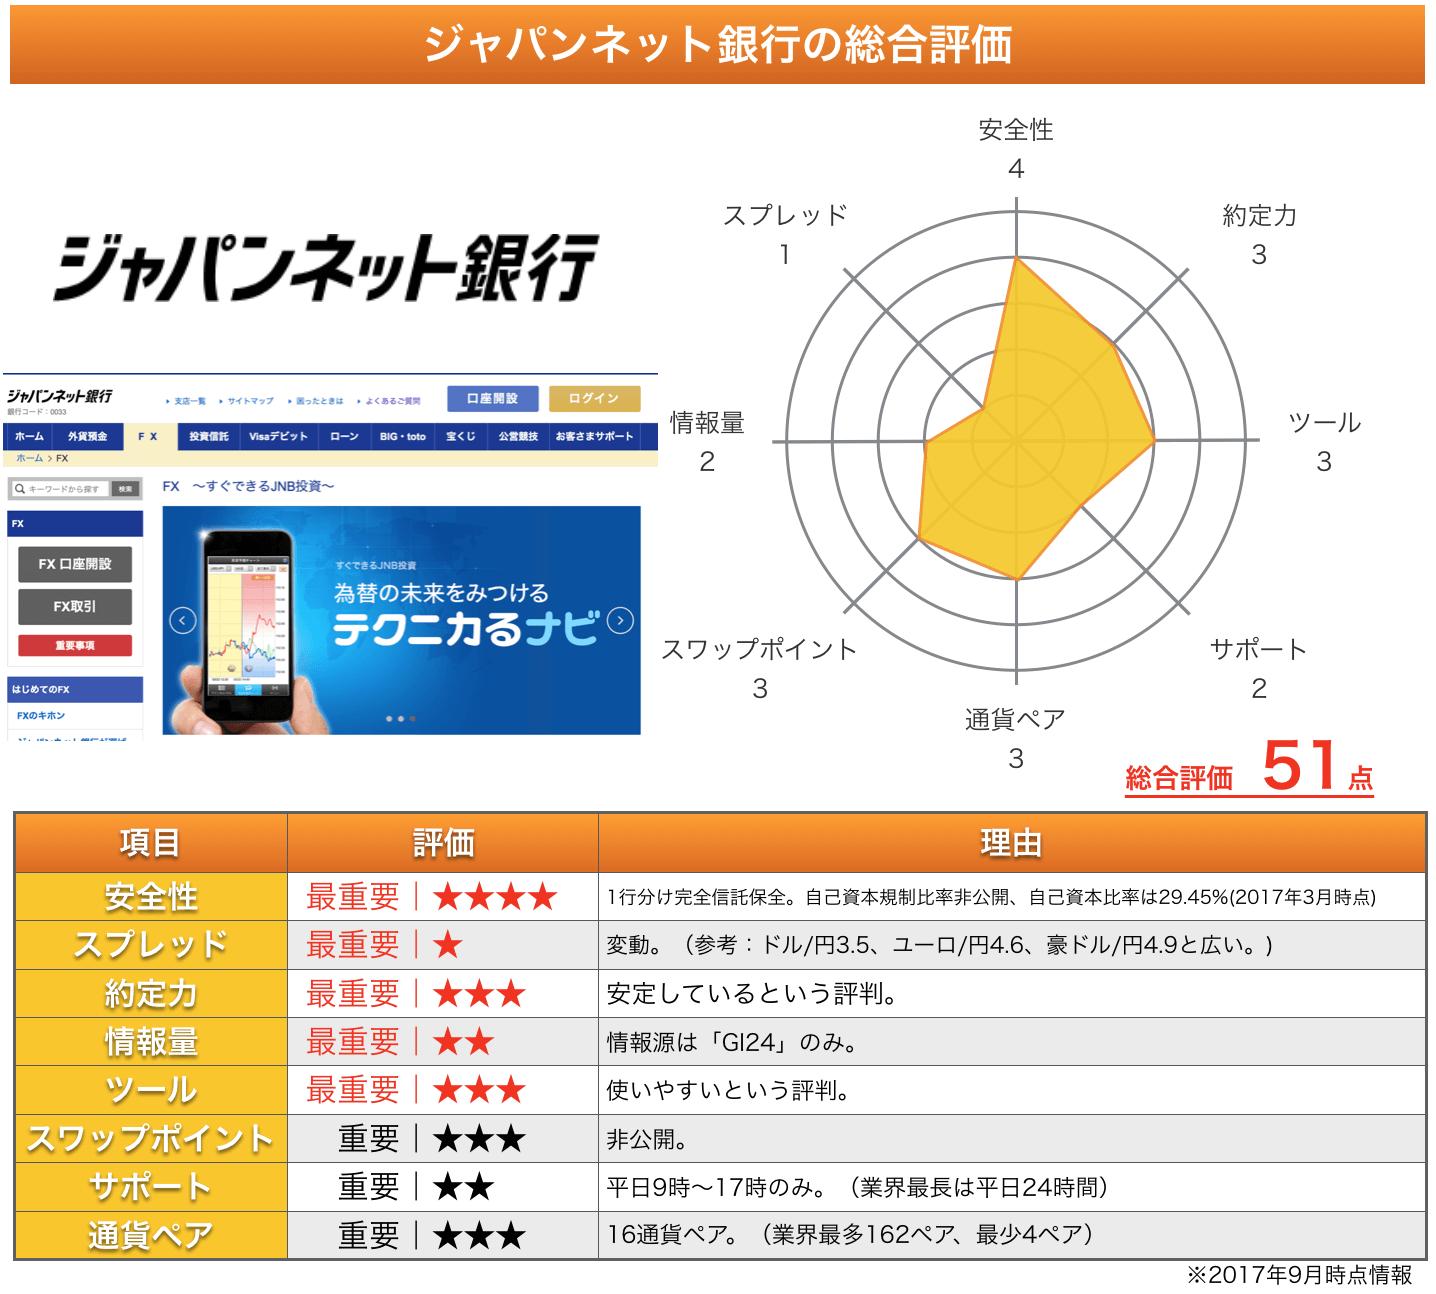 ジャパンネット銀行の総合評価